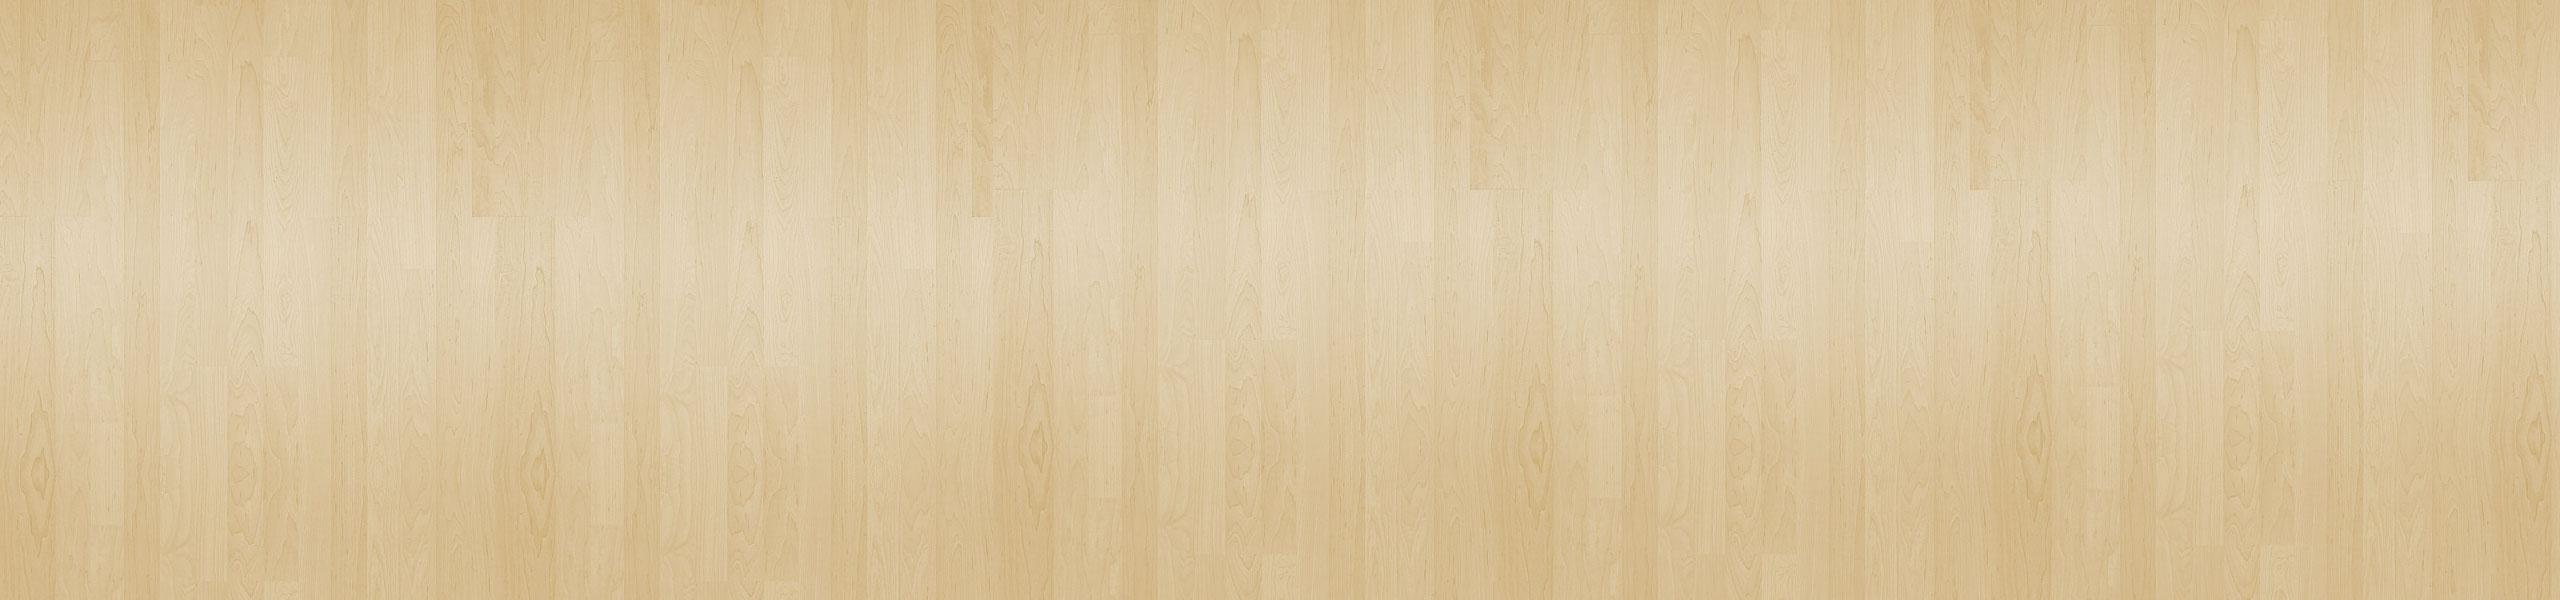 bkg-wood